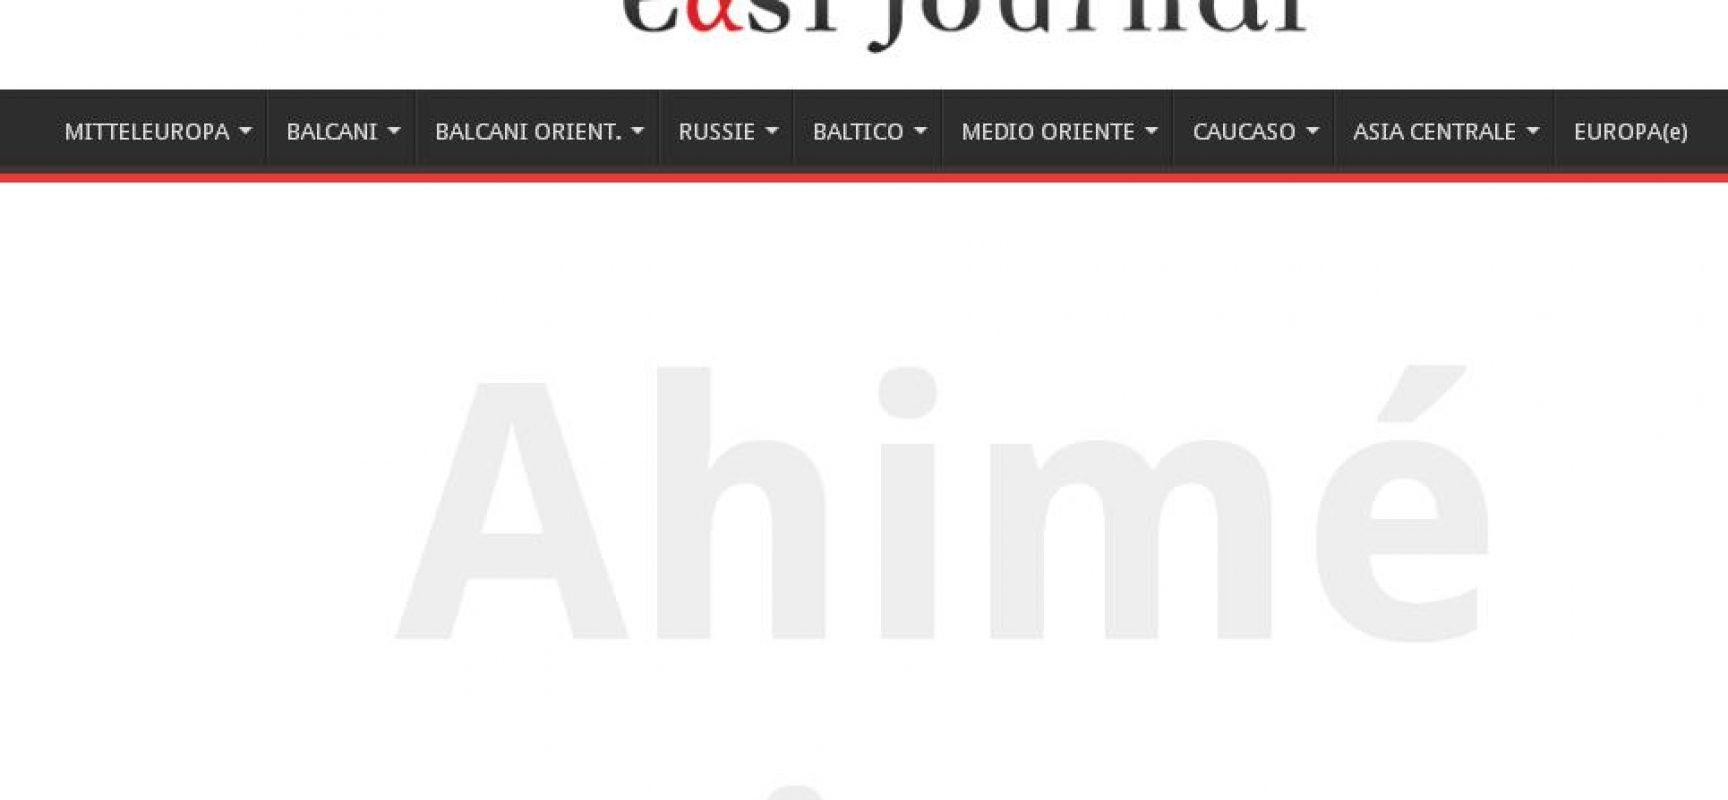 EastJournal e l'errore su Avdiivka